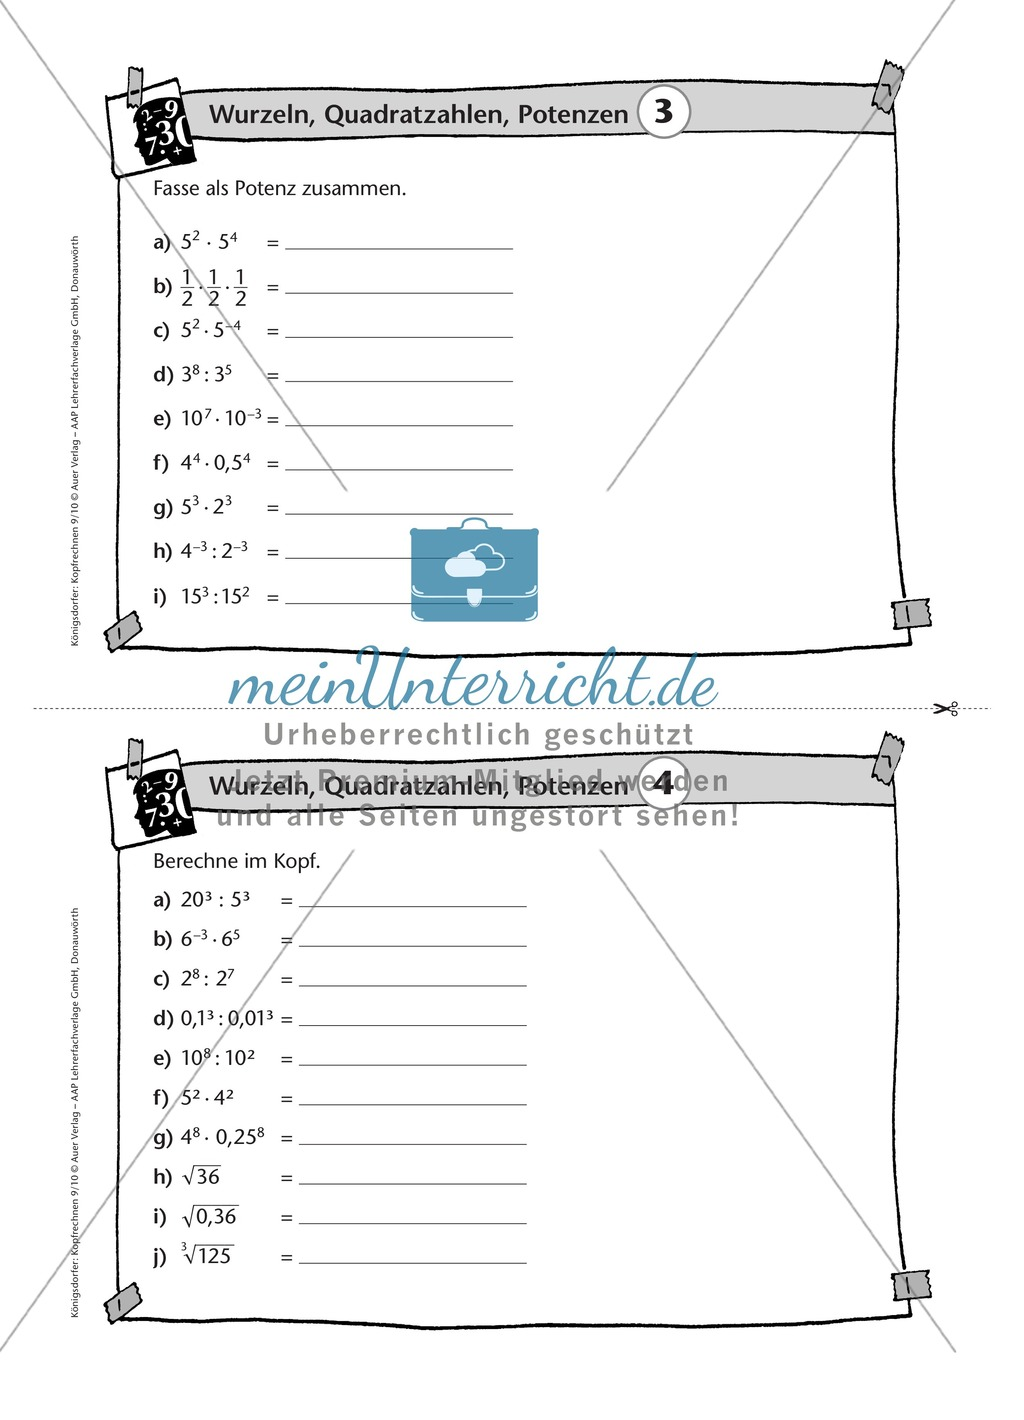 Karteikarten mit Aufgaben aus dem Themenfeld Wurzeln, Quadratzahlen und Potenzen Preview 3